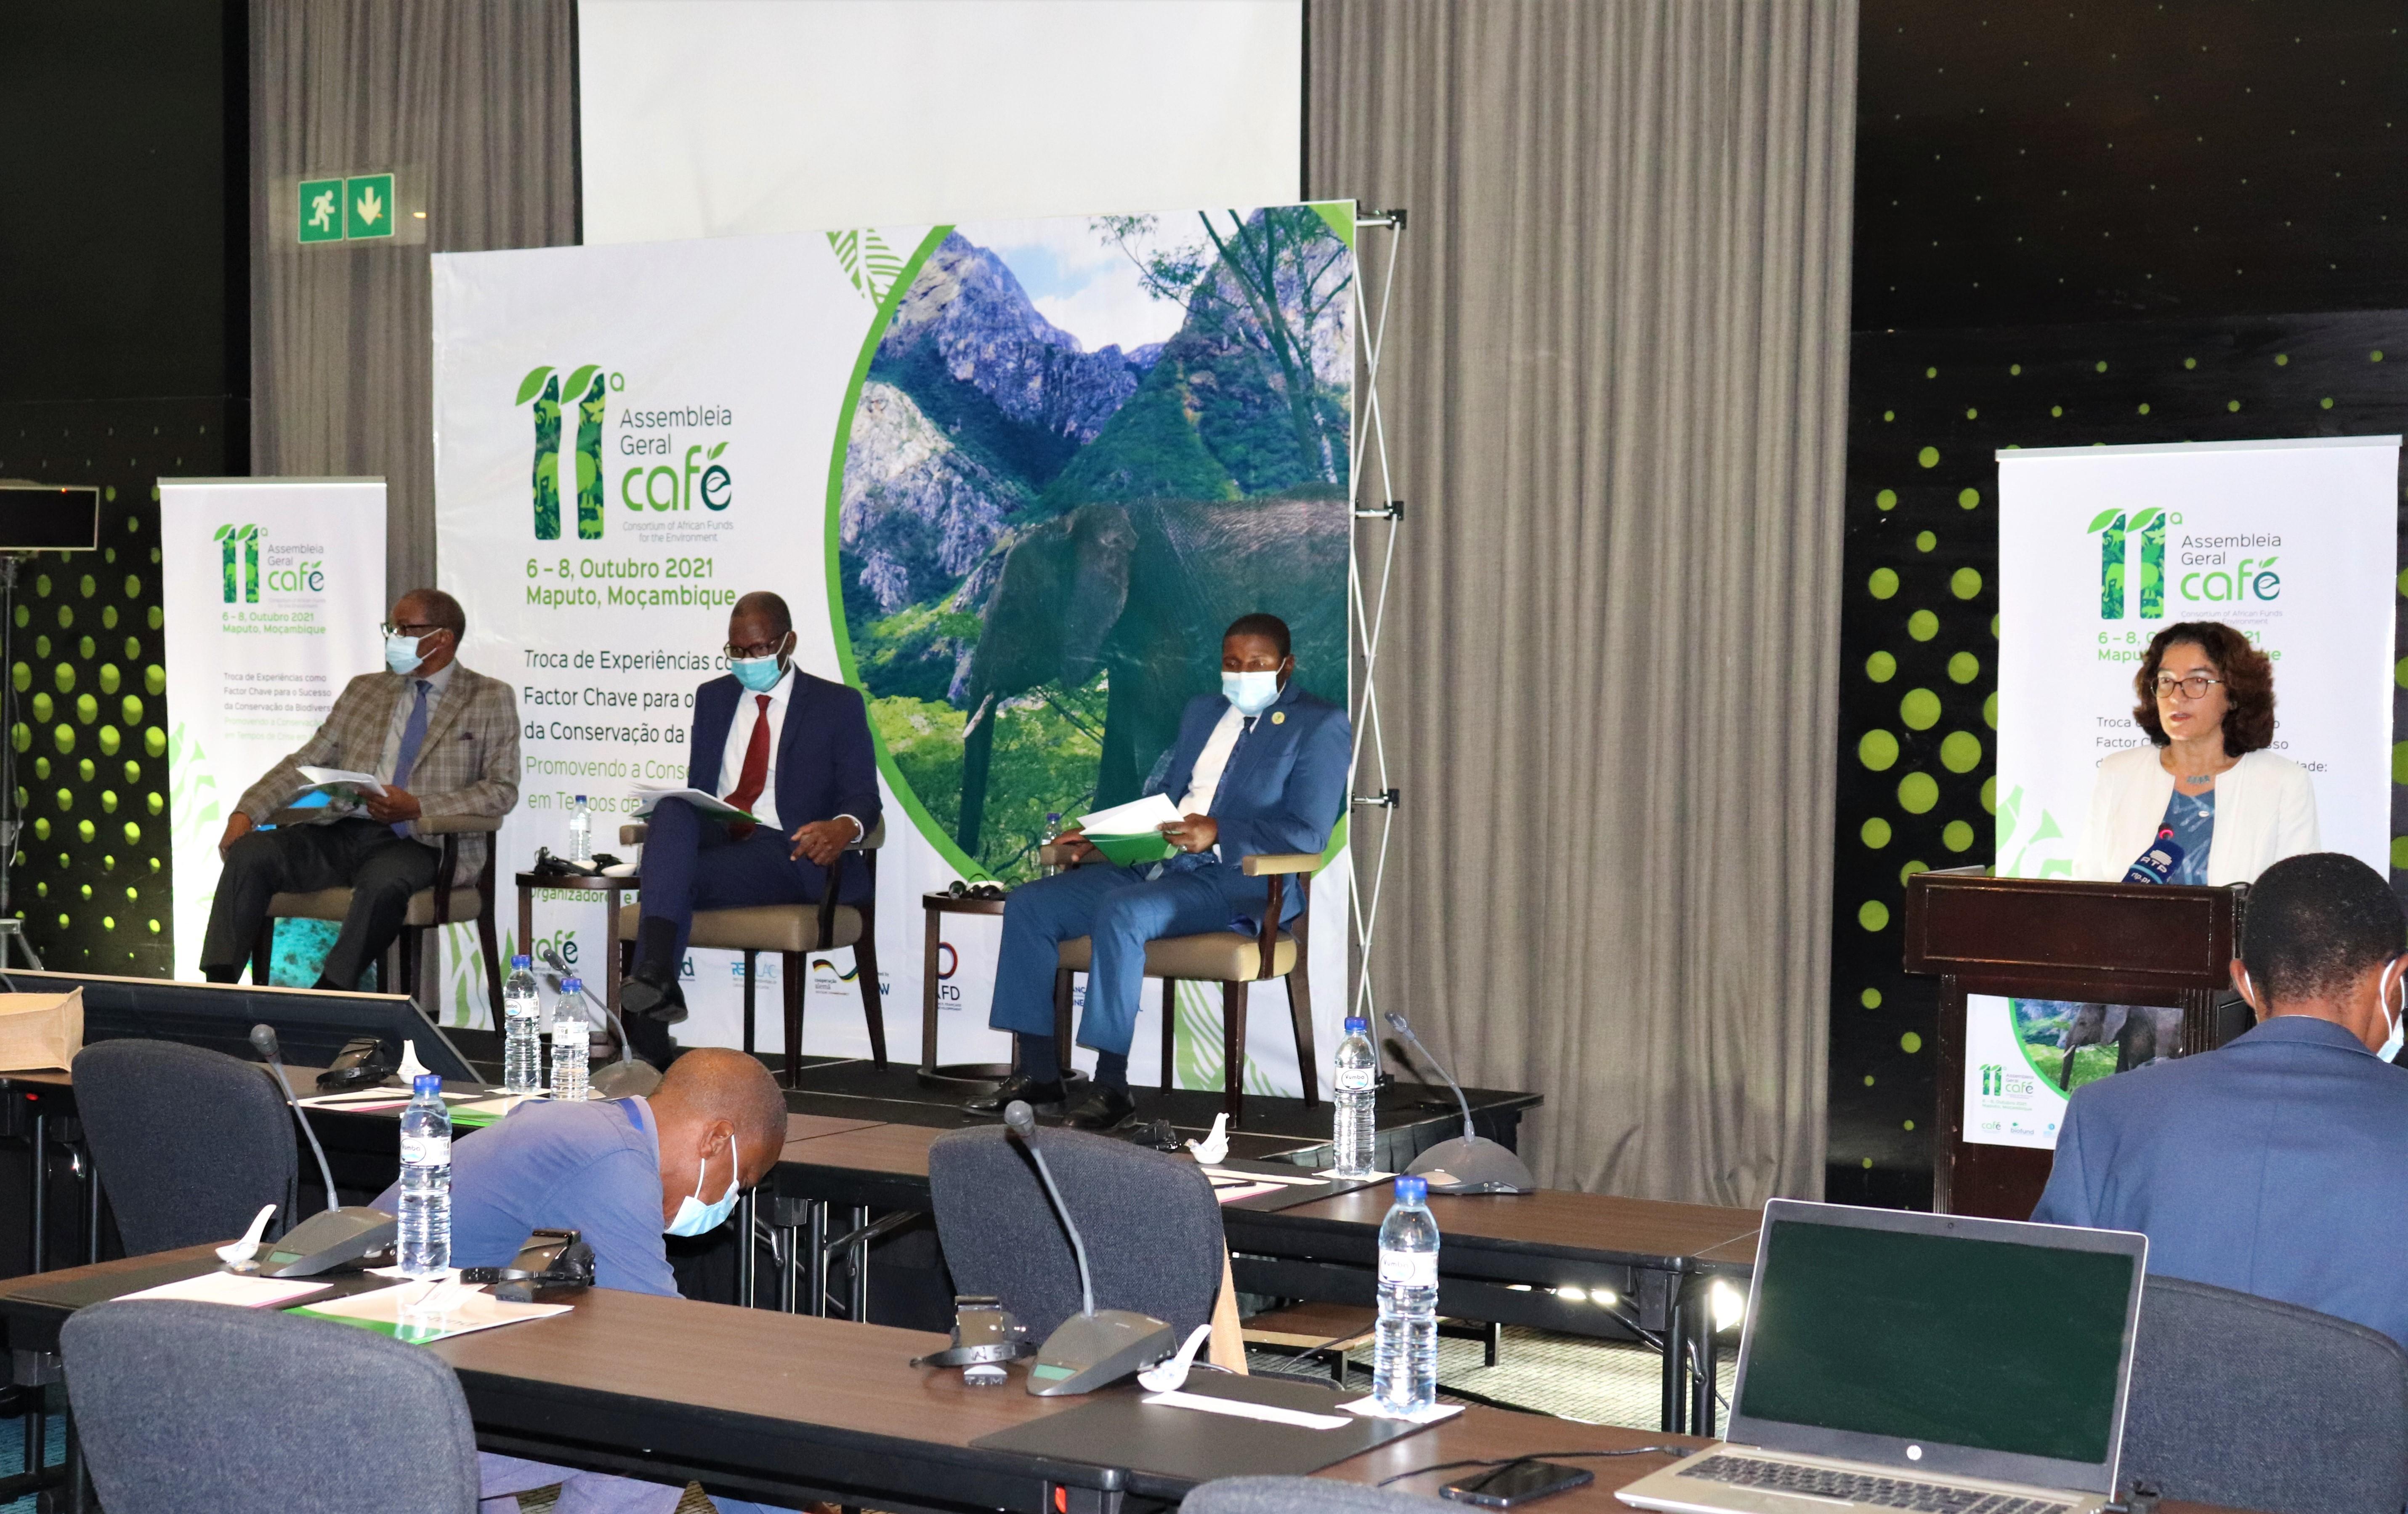 Luis Bernardo Honwana (Director Executivo da BIOFUND), Narciso Matos (PCA da BIOFUND), Armindo Araman (Directo de Serviços de Conservação e Desenvolvimento Comunitário _ANAC)